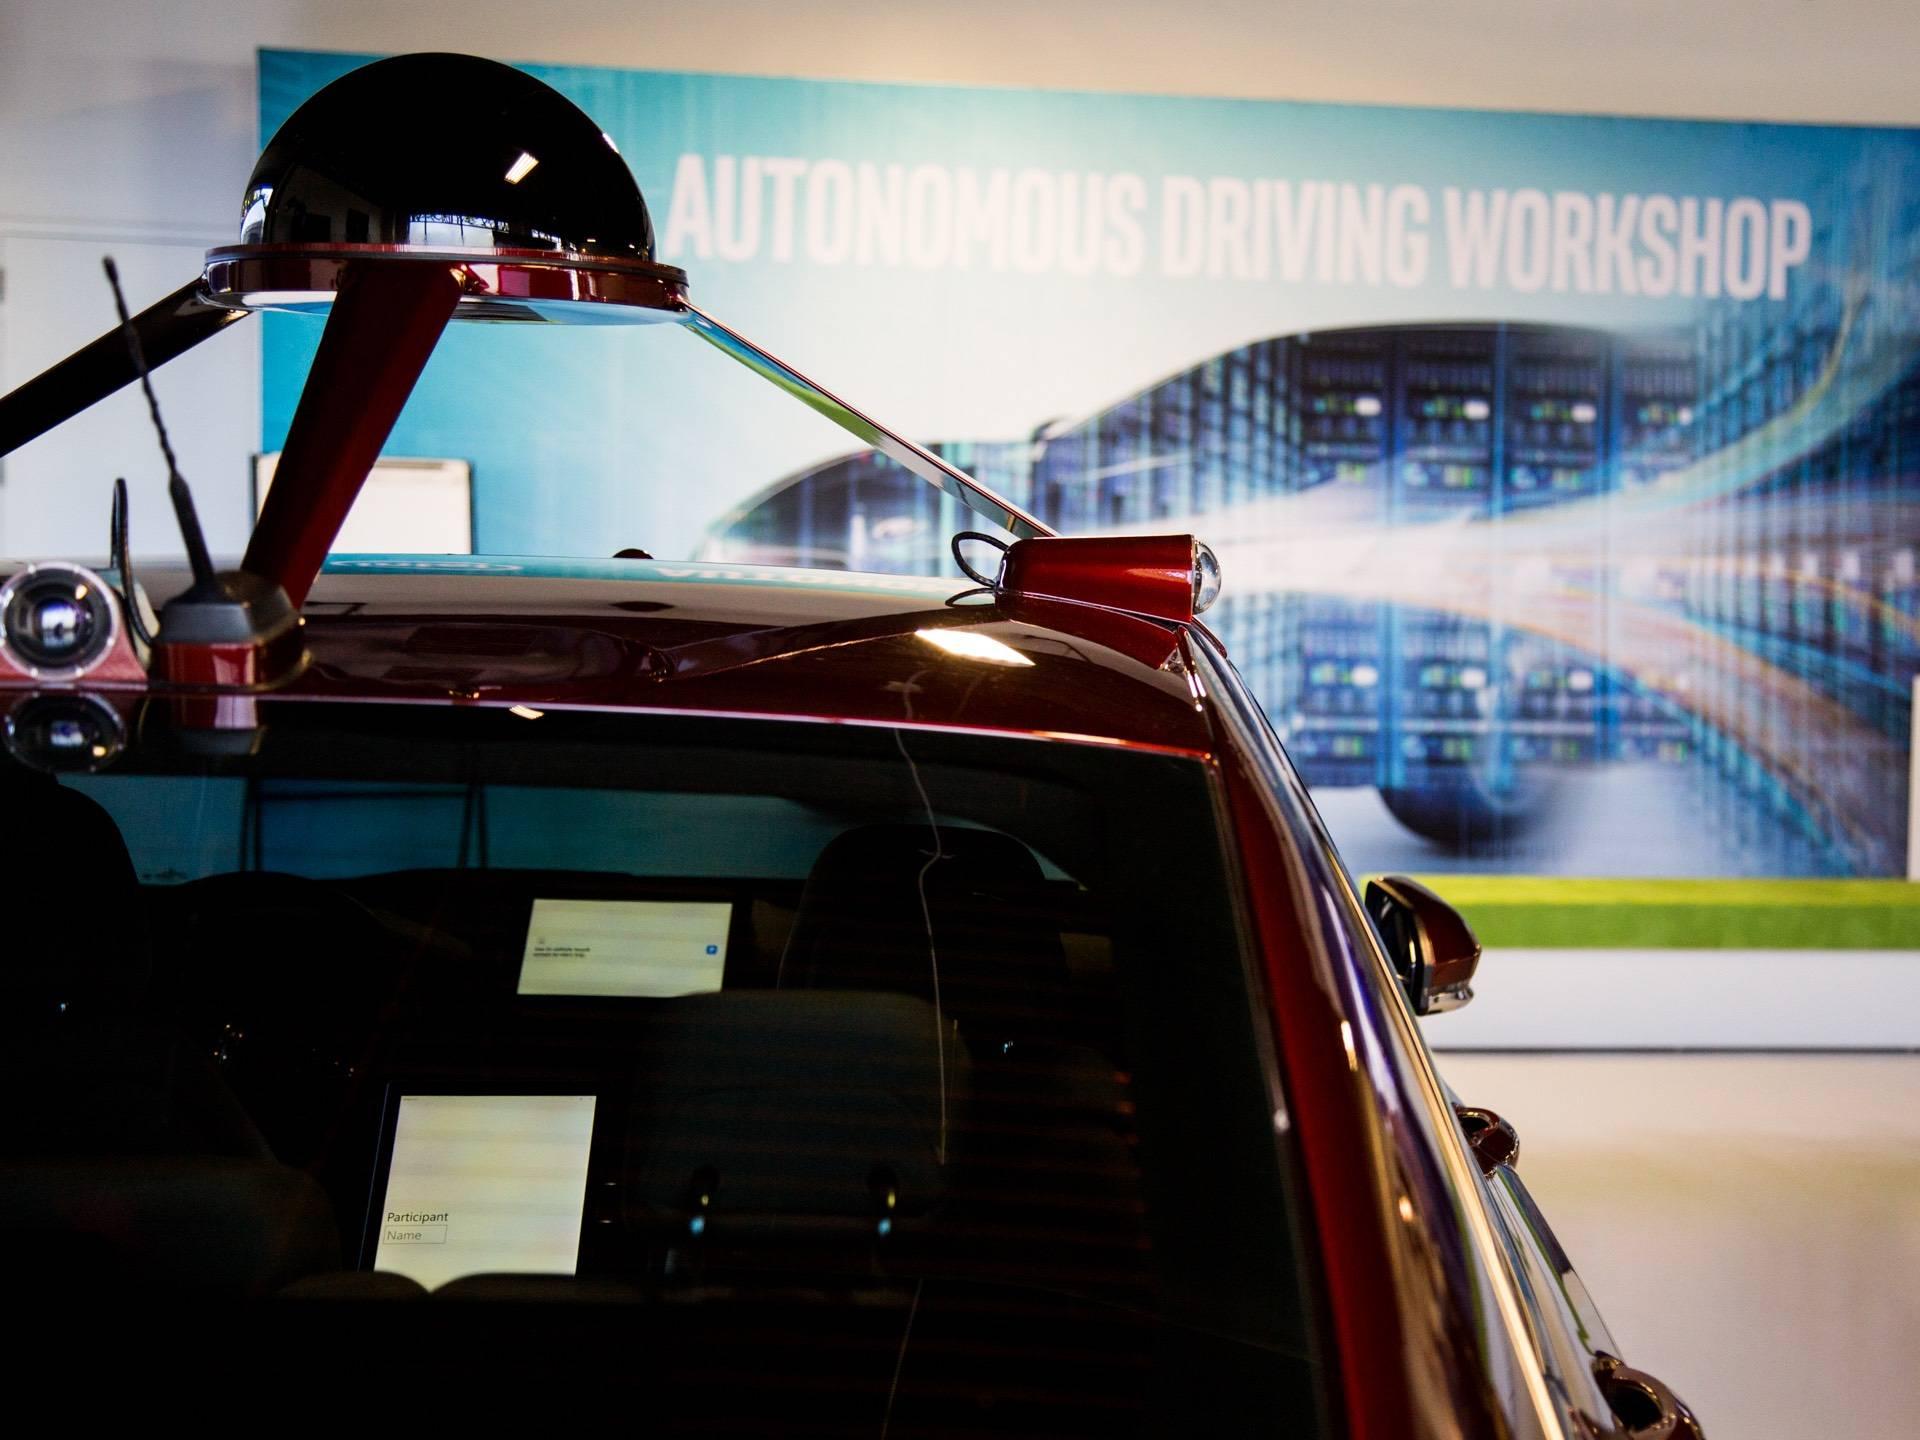 Intel-Autonomous-Drive-Workshop-2-squashed